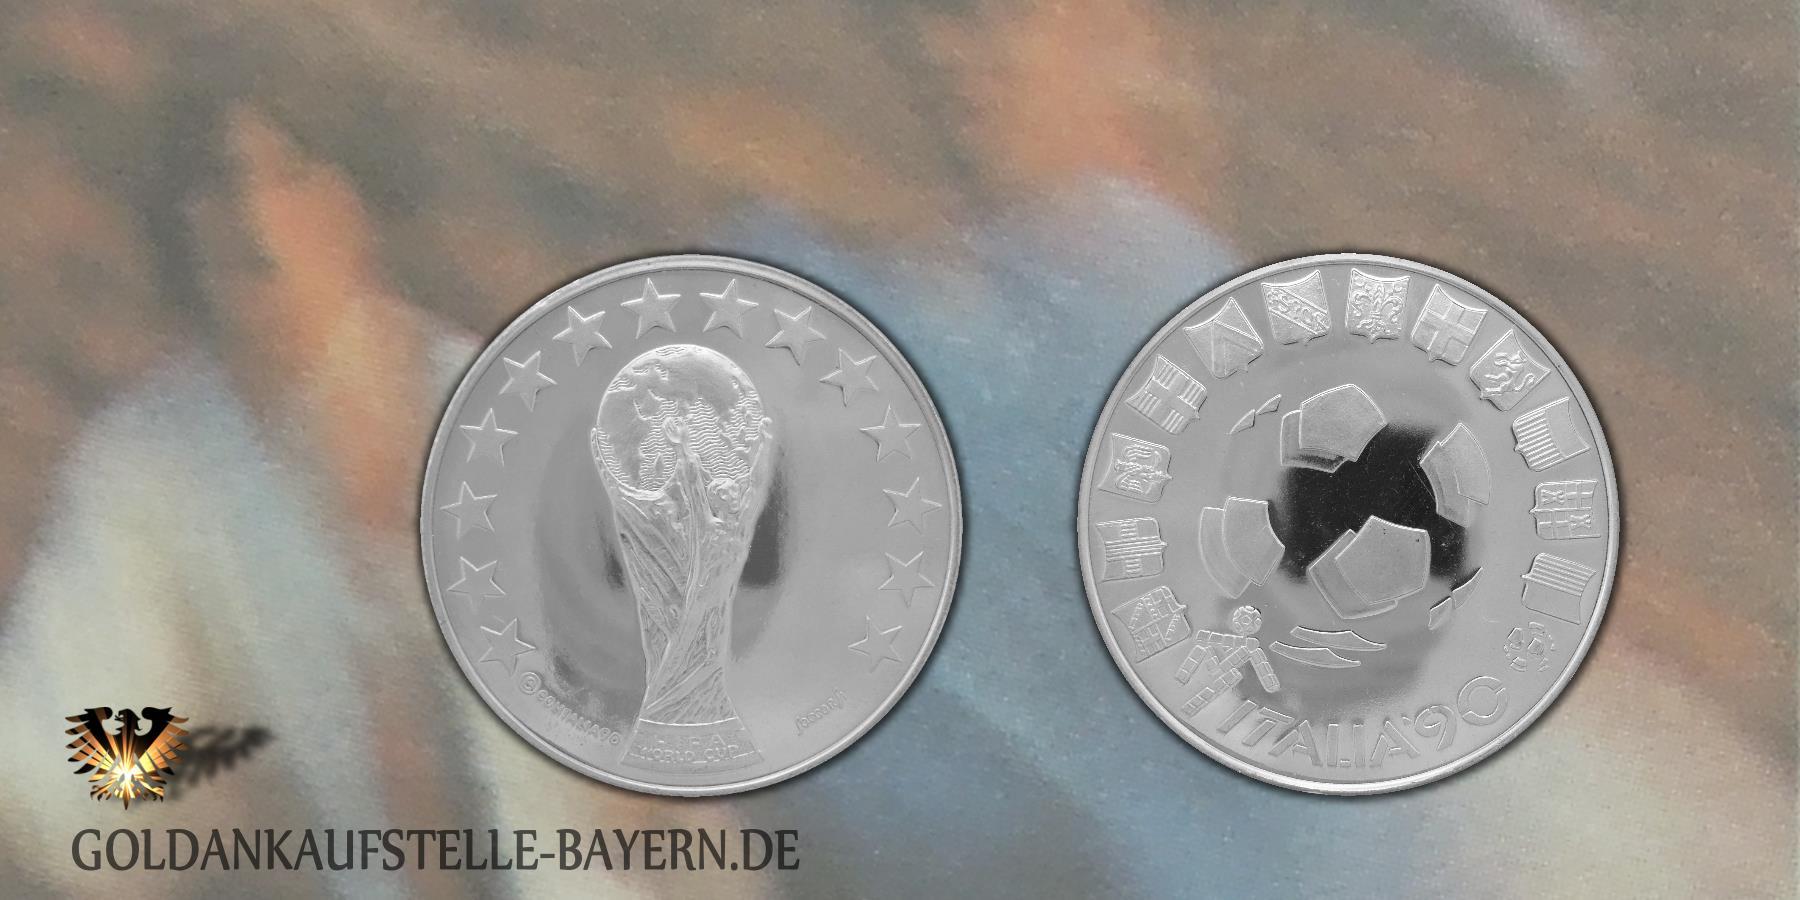 Numisbrief mit Medaille zur FIFA WM in Italien 1990 - DEUTSCHLAND Fußball-Weltmeister 1990 © goldankaufstelle-bayern.de